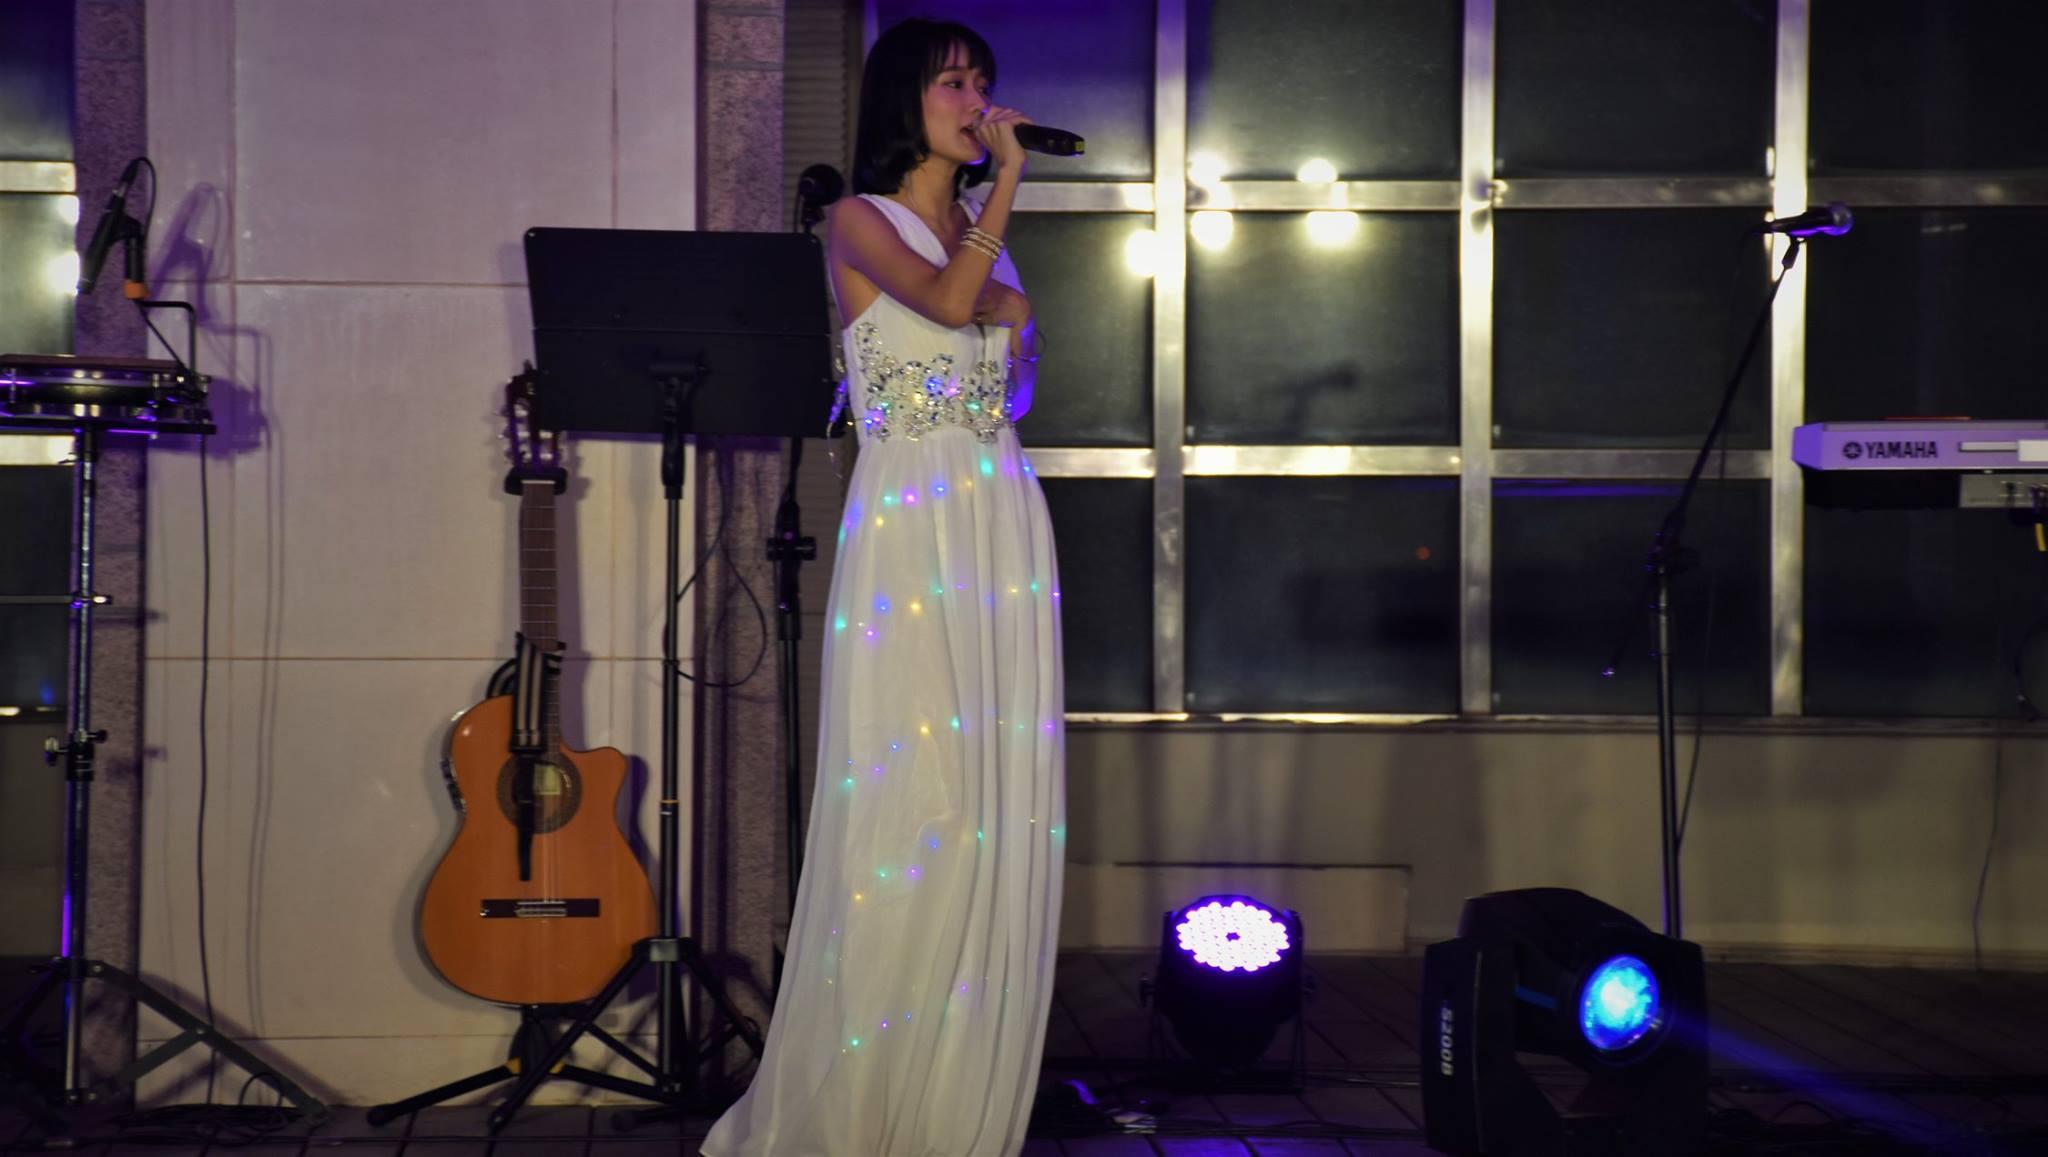 karaoke singer: 卡拉OK 主唱